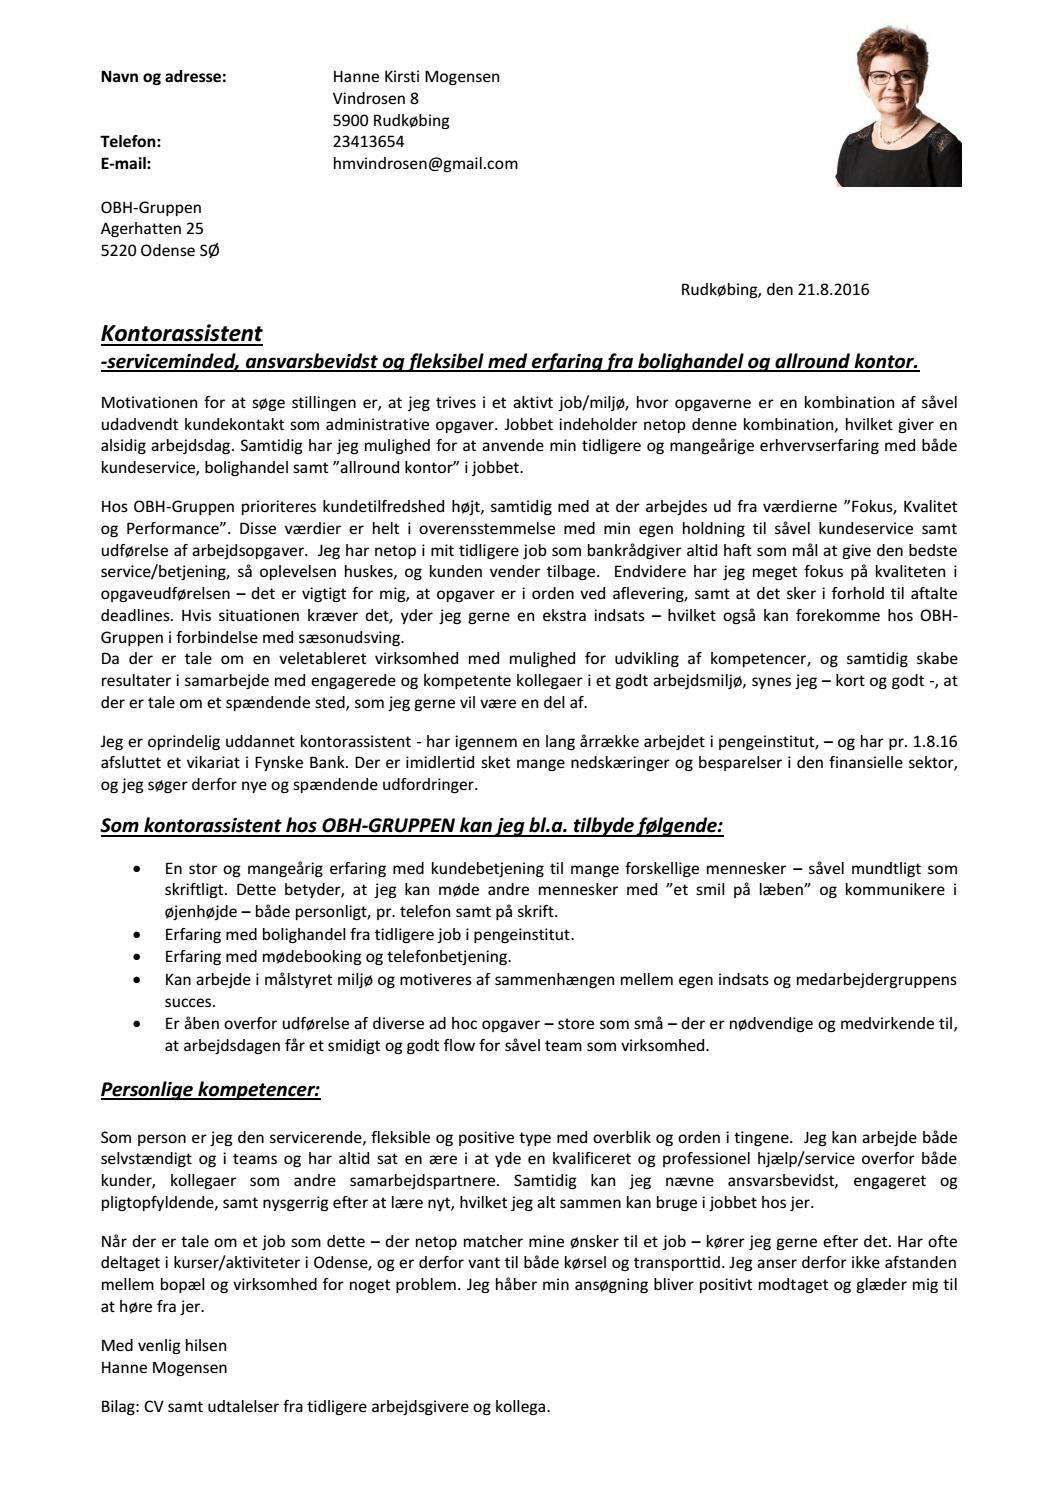 Ansøgning kontorassistent by hannekirstimogensen - Issuu